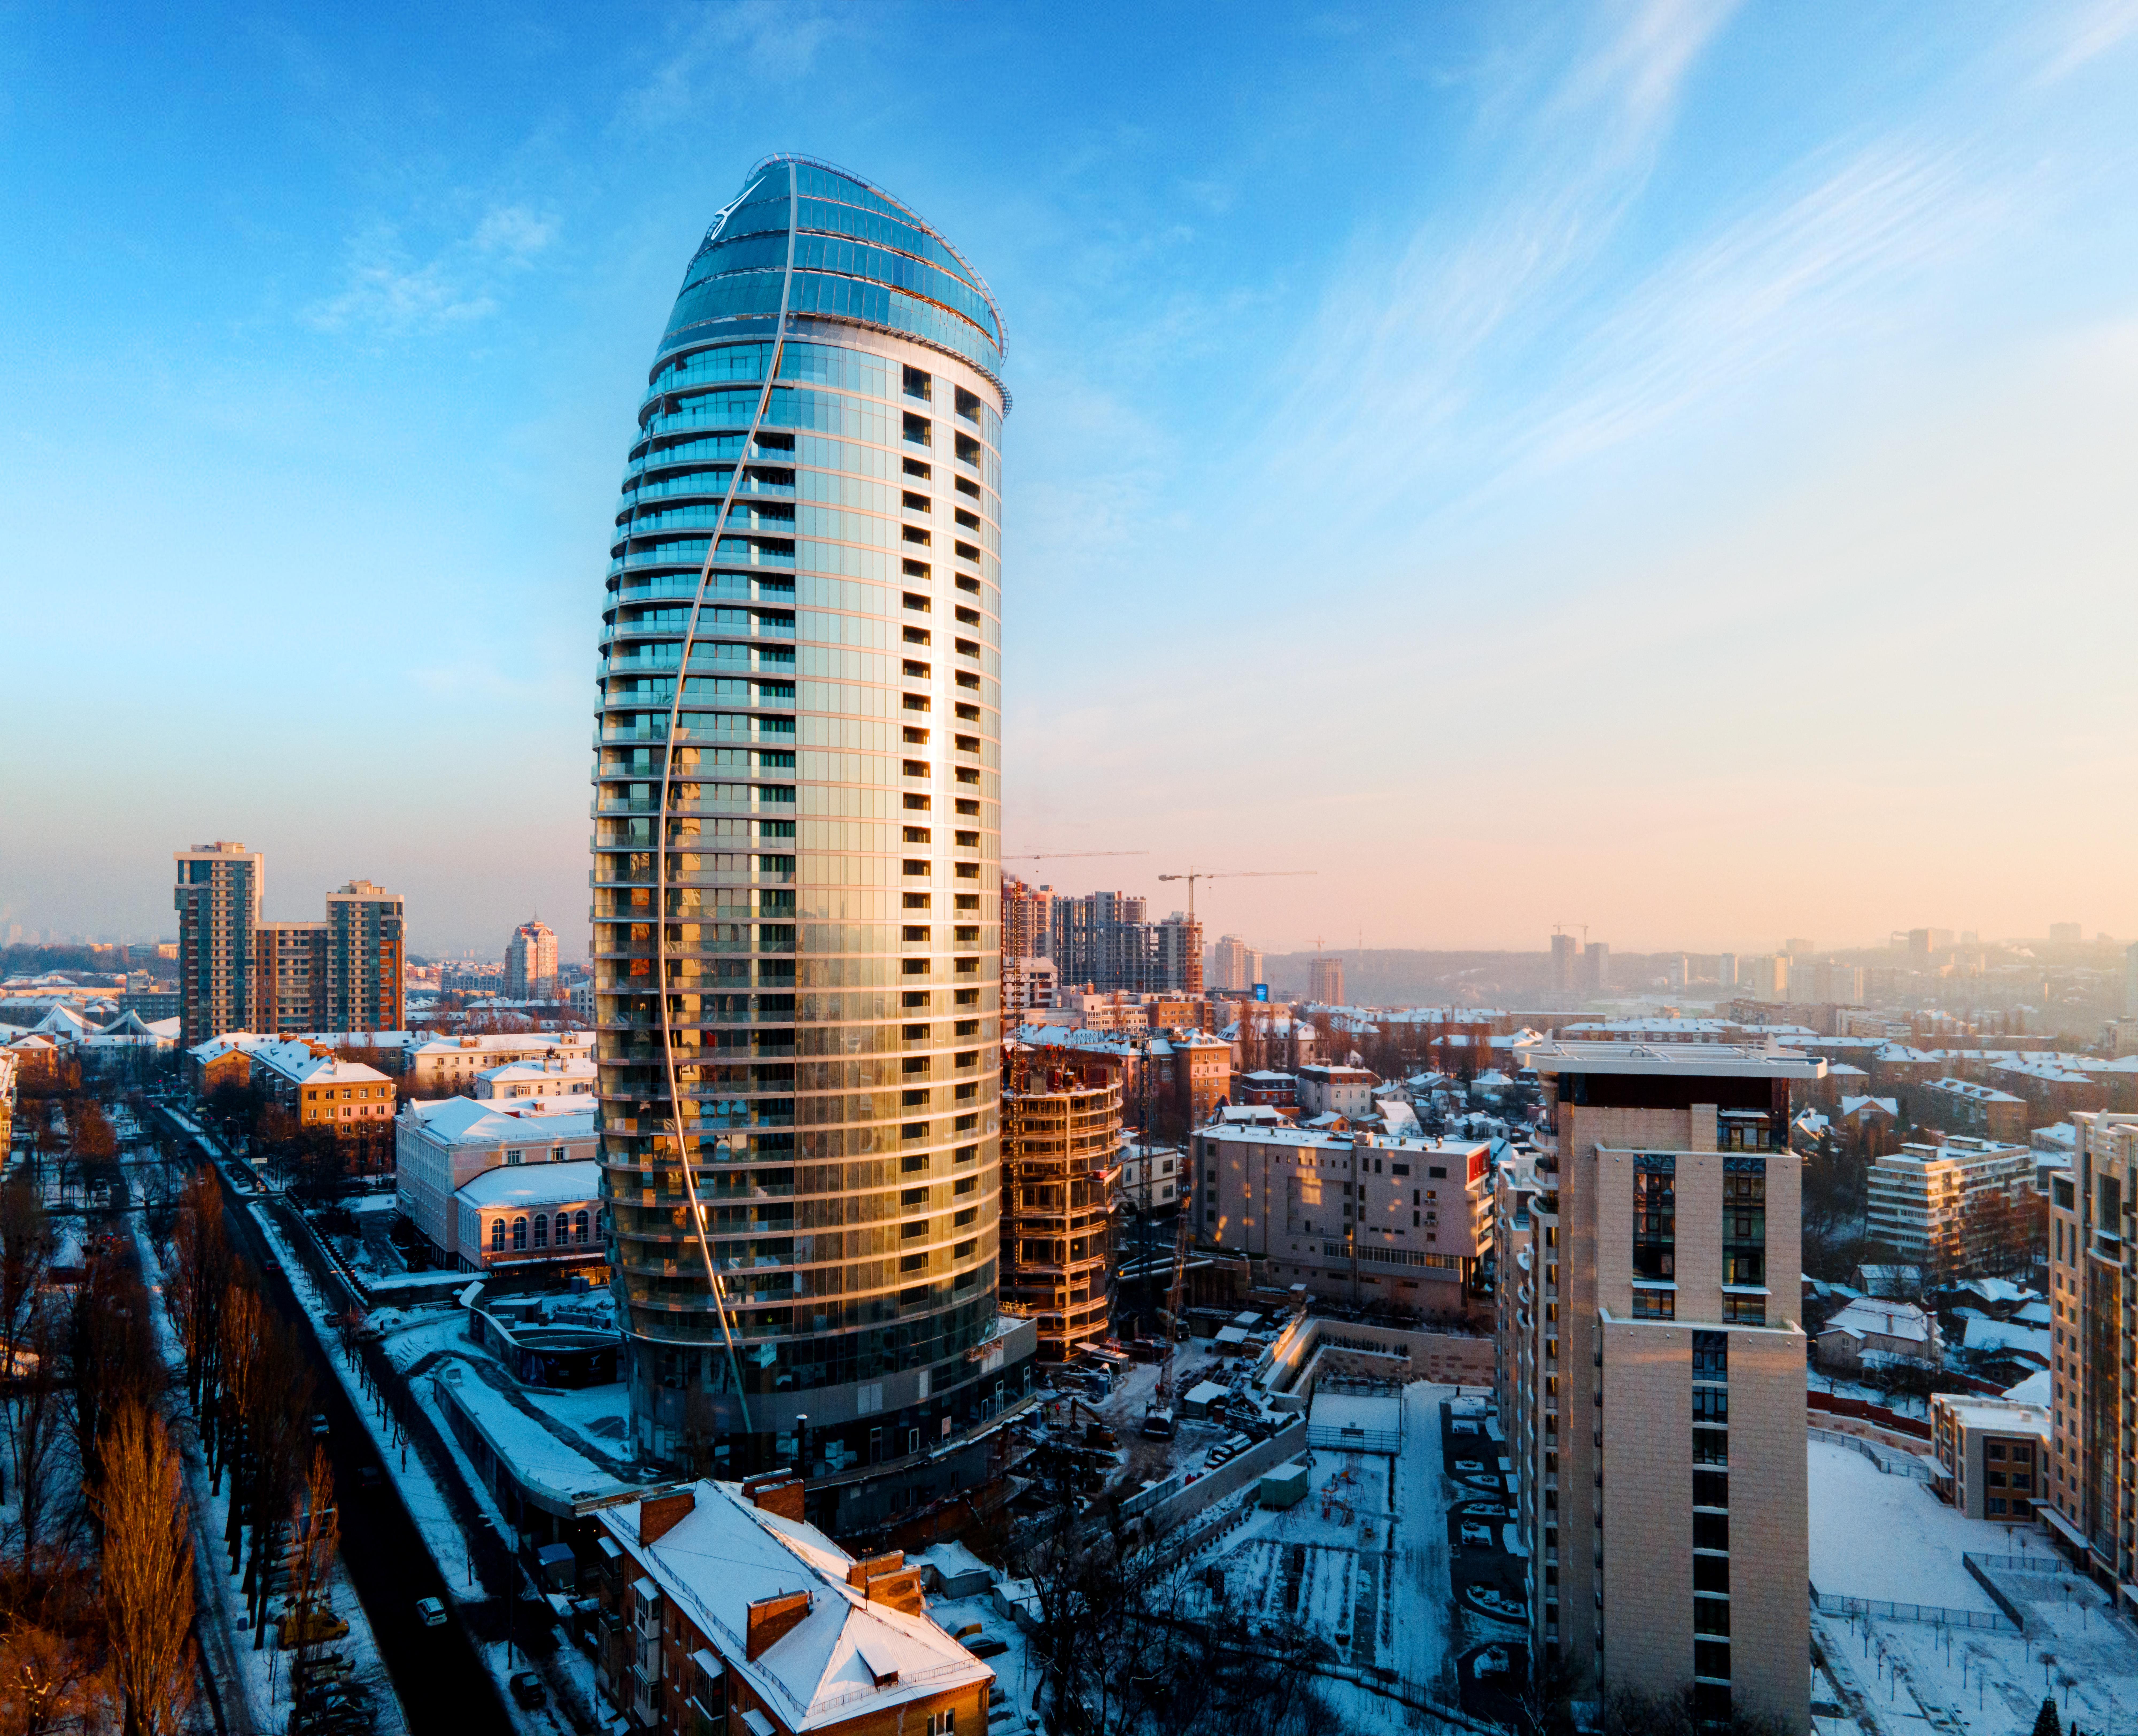 Украинский ЖК Taryan Towers признан лучшим высотным жилым комплексом в мире